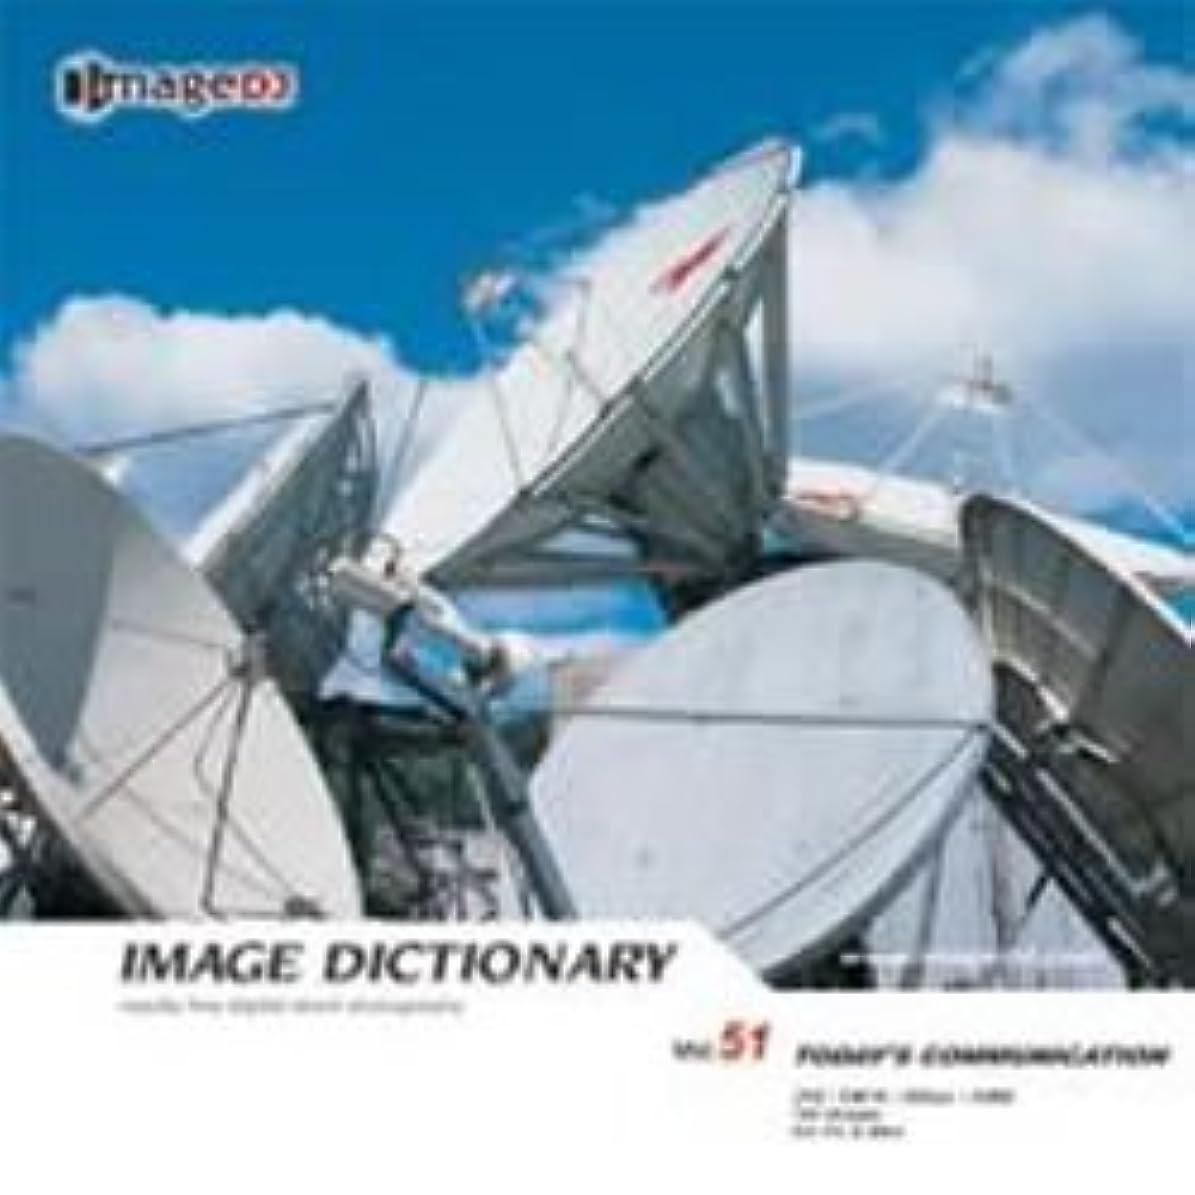 ホイッスル美しいストレージイメージ ディクショナリー Vol.51 情報通信